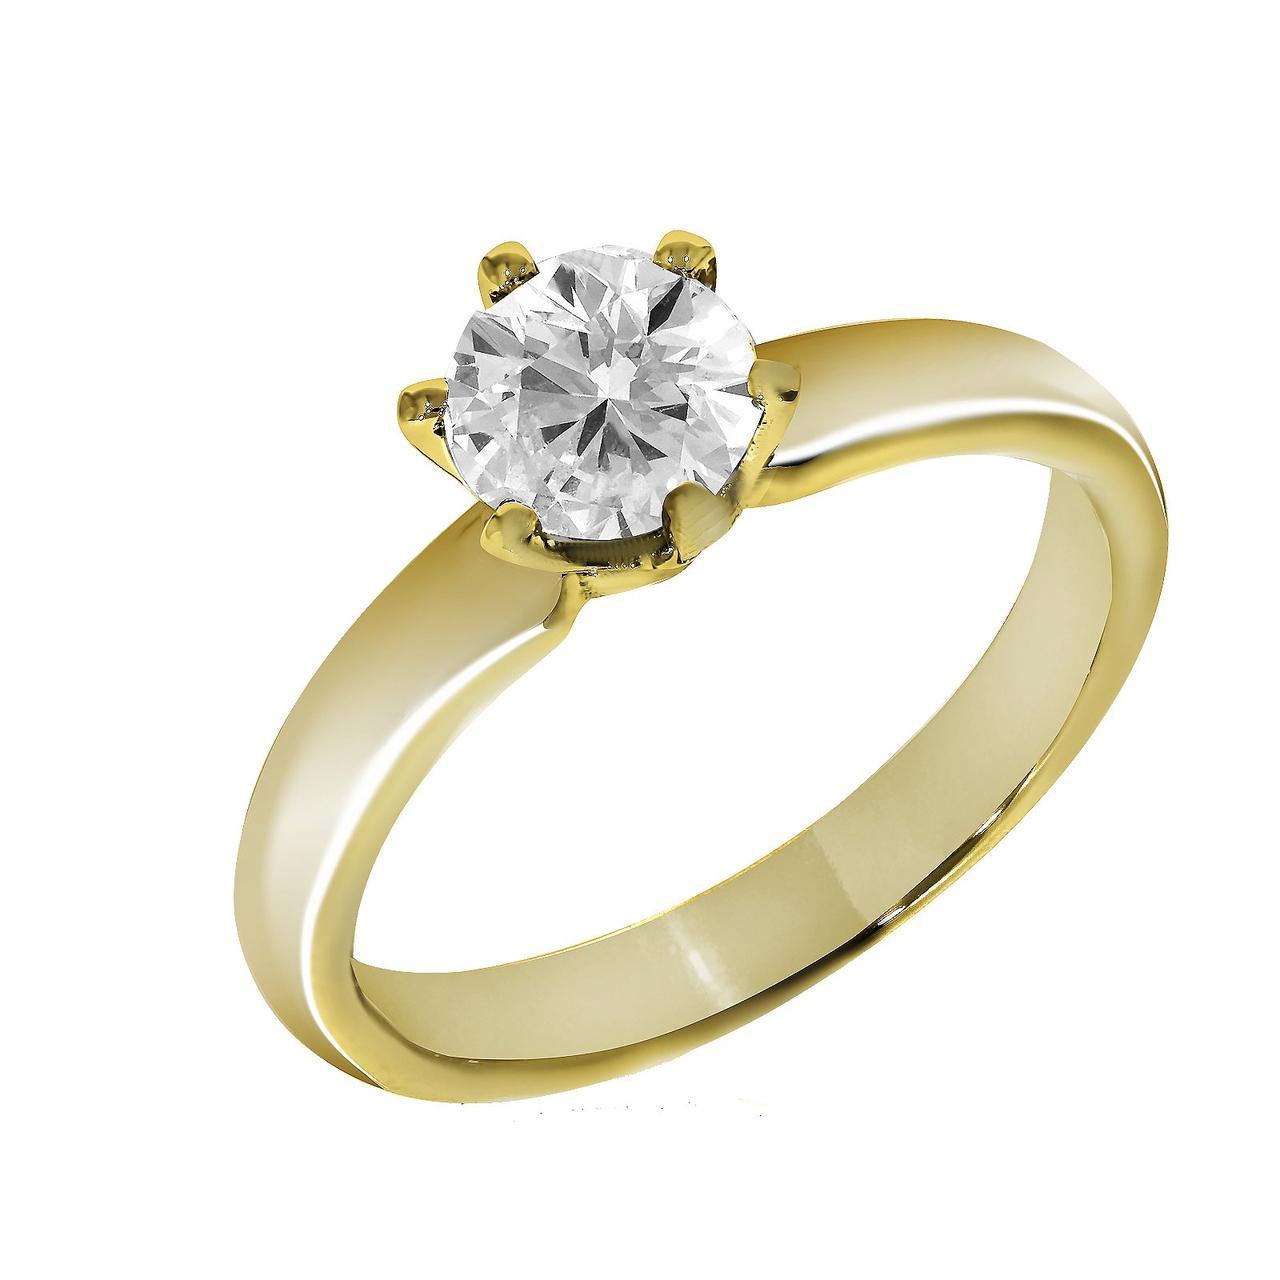 Золотое кольцо с бриллиантом, размер 17.5 (816637)